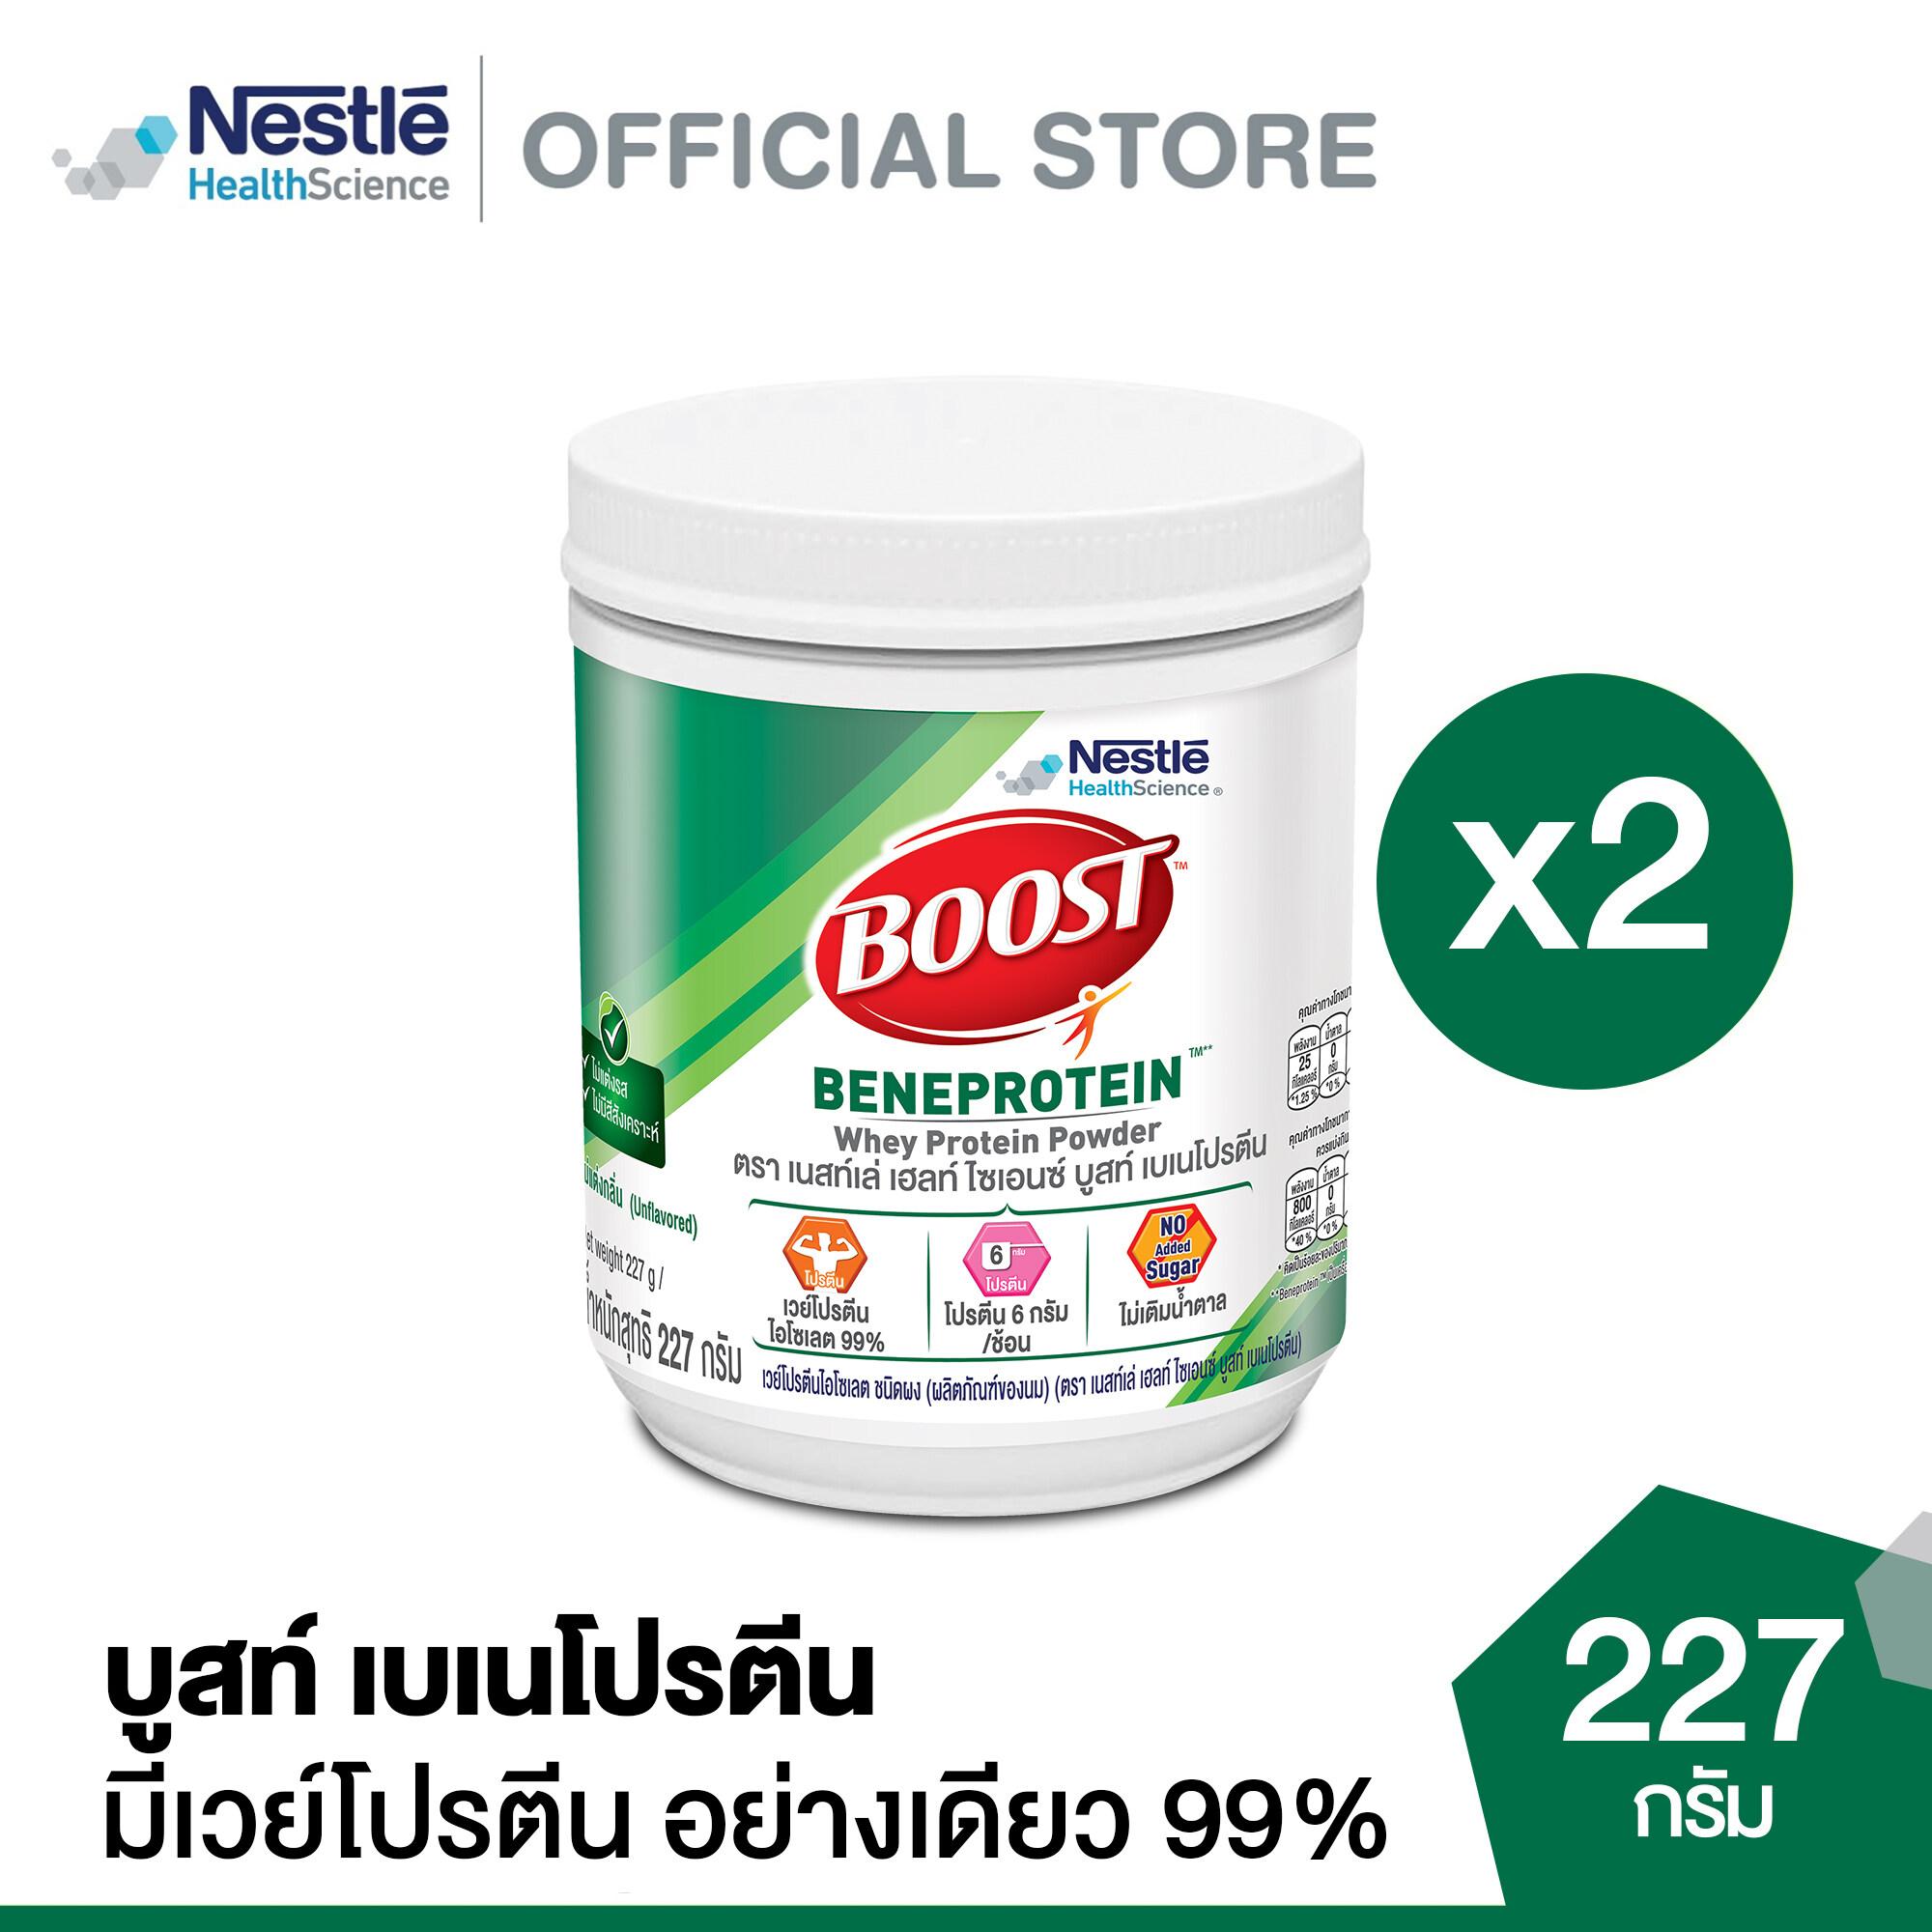 Boost Beneprotein บูสท์ เบเนโปรตีน อาหารเสริมทางการแพทย์ เวย์โปรตีน ไอโซเลต 99% ขนาดกระป๋อง 227 กรัม (2 กระป๋อง)